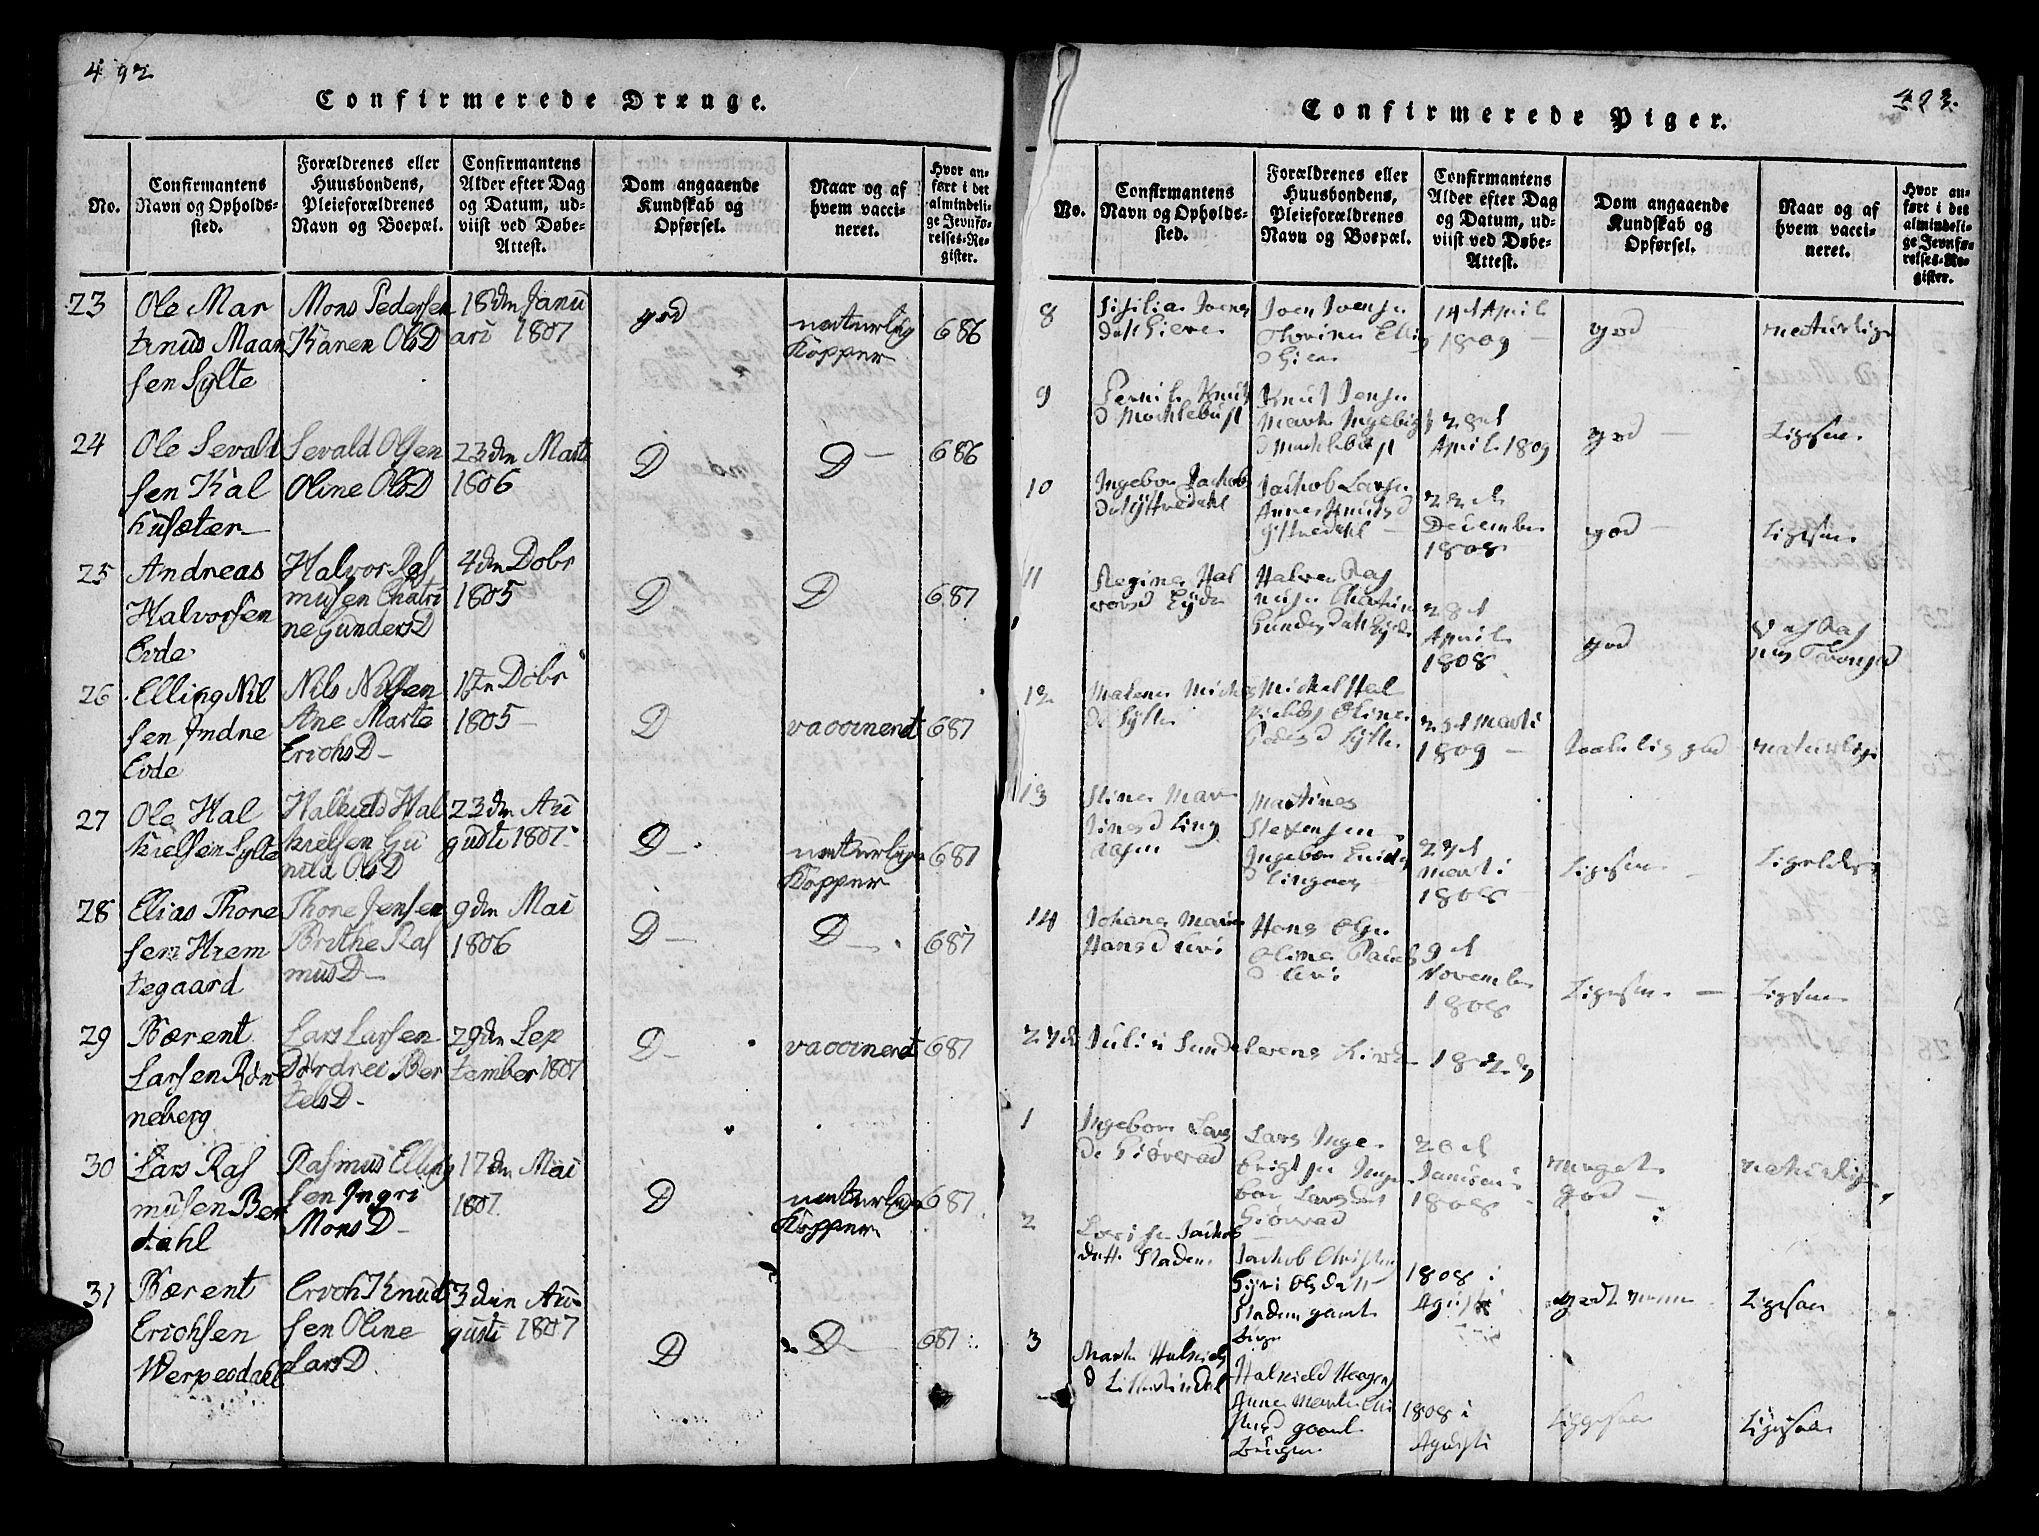 SAT, Ministerialprotokoller, klokkerbøker og fødselsregistre - Møre og Romsdal, 519/L0246: Ministerialbok nr. 519A05, 1817-1834, s. 492-493